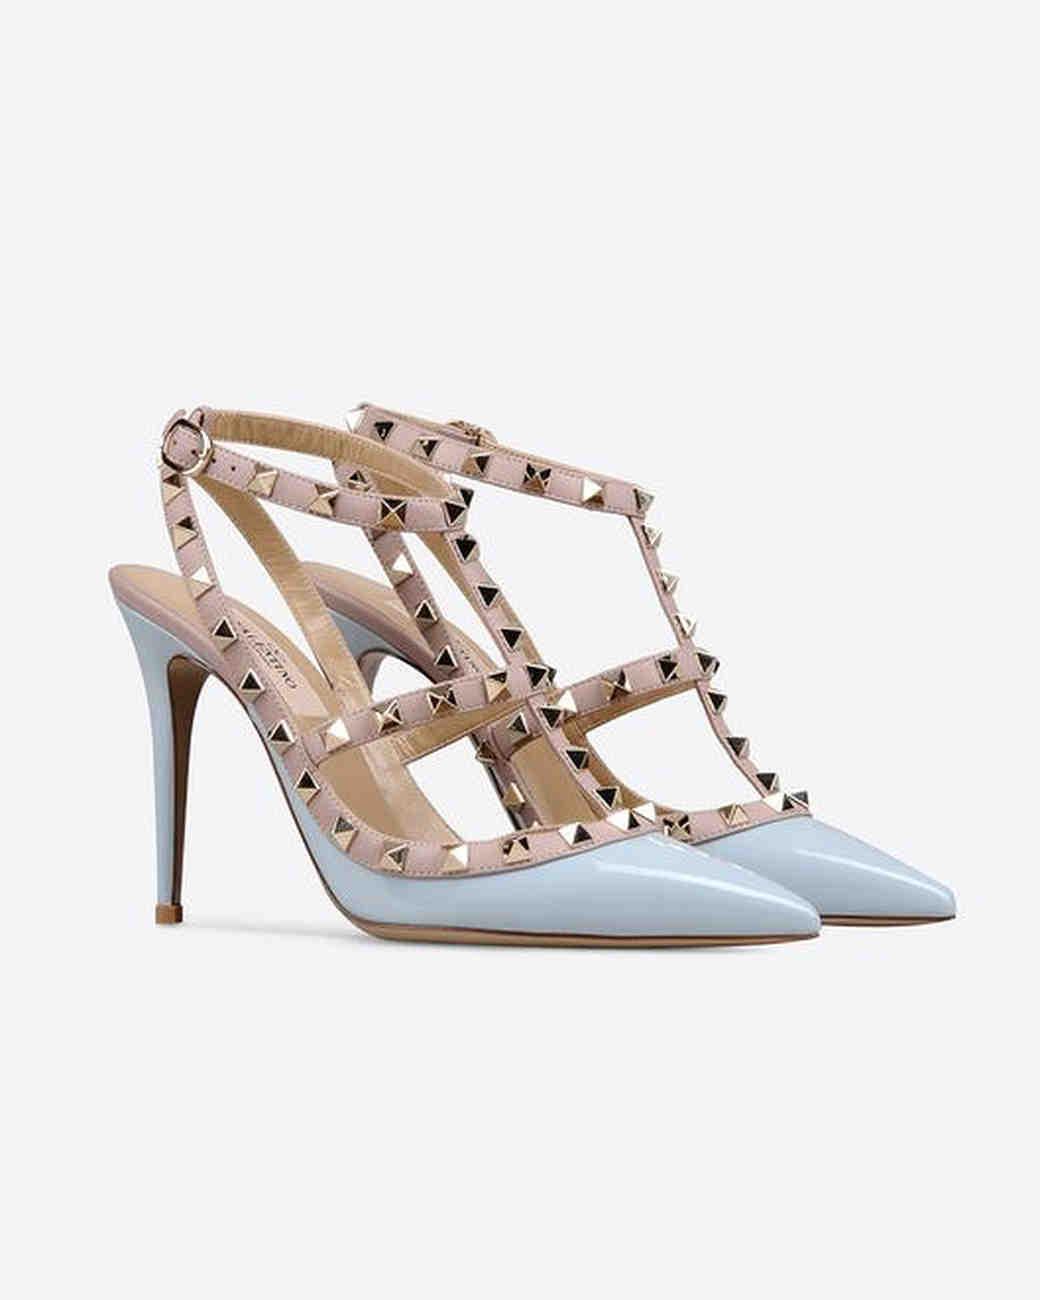 Valentino Rockstar Studded Heels